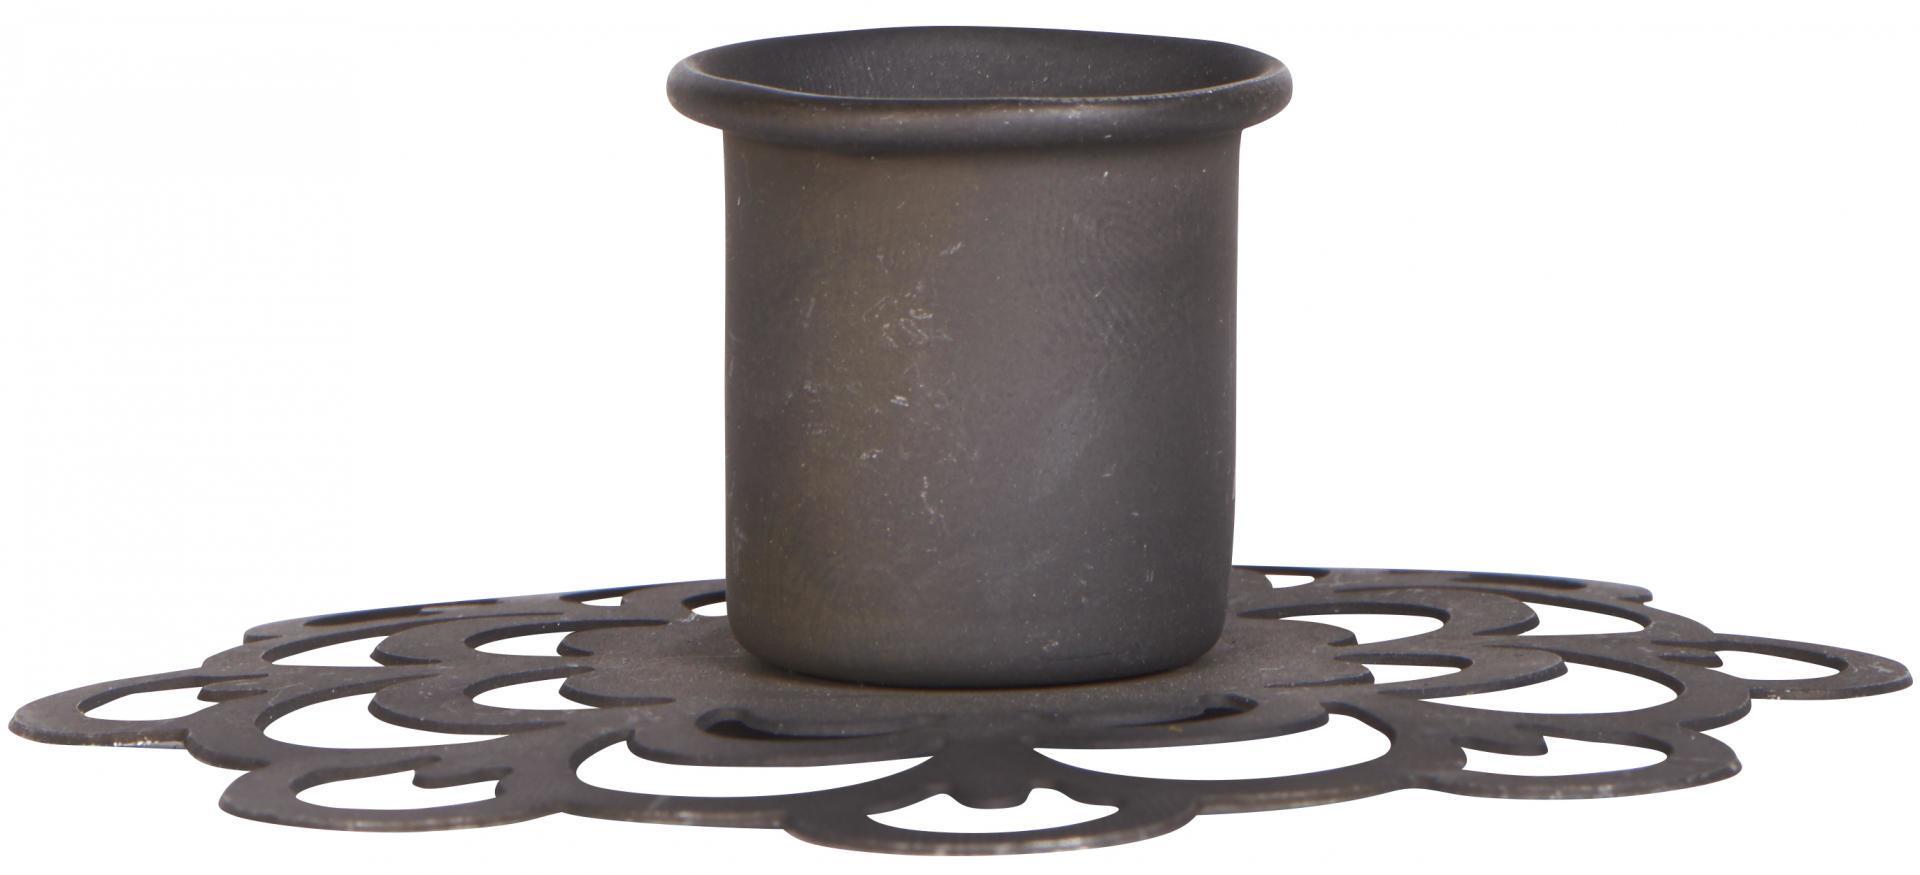 IB LAURSEN Kovový svícen Flower Pattern, černá barva, kov